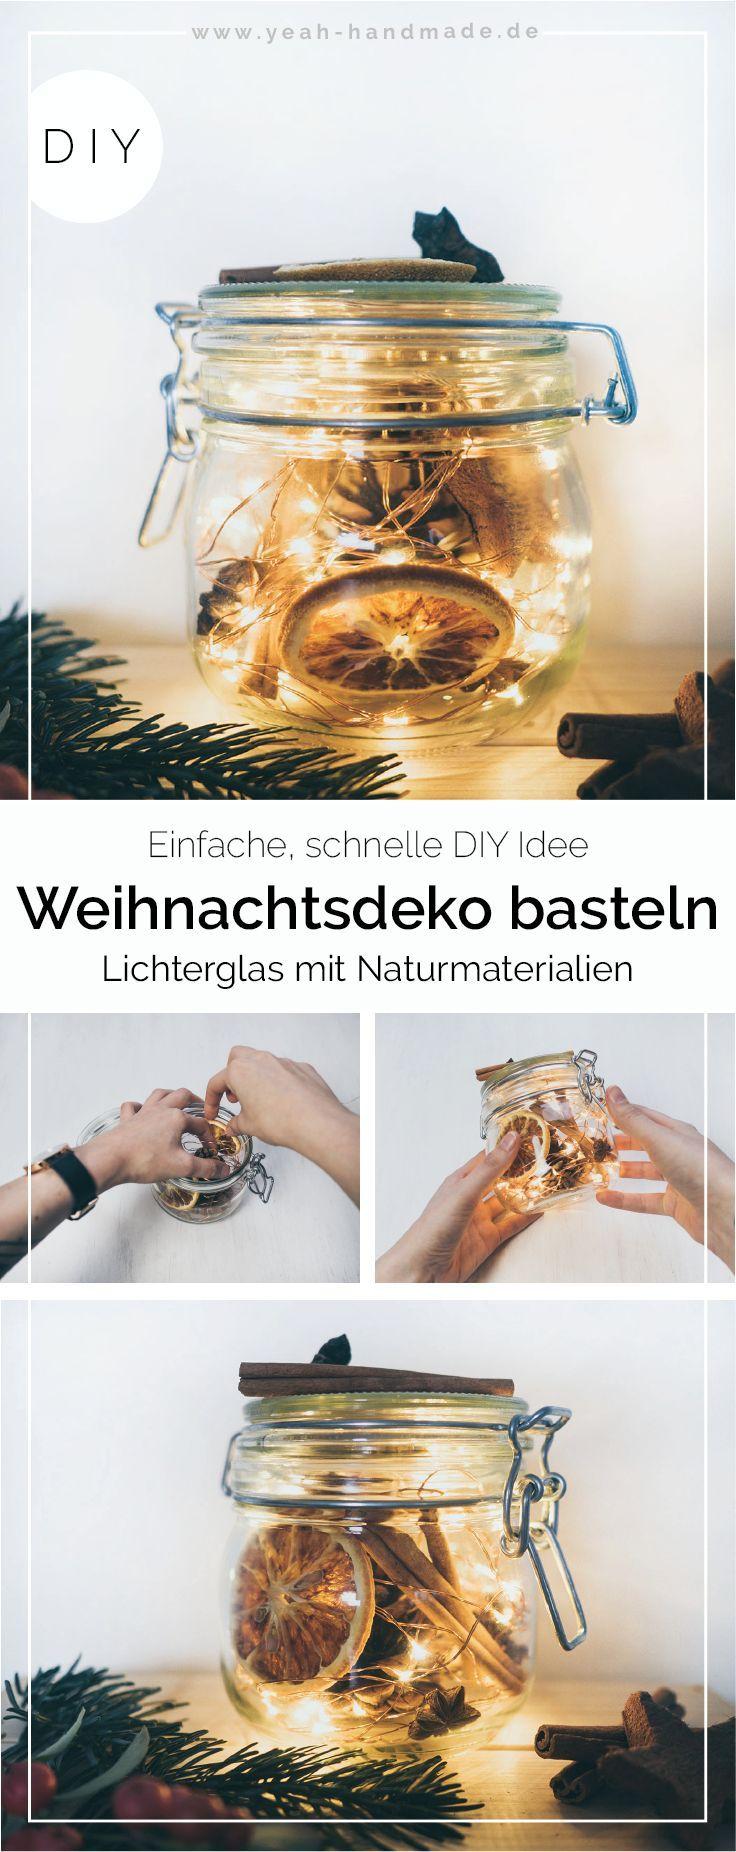 Diy Lichterglas Zu Weihnachten Als Deko Basteln Bugelglas Mit Led Lichterkette Und Winterli Weihnachtsdeko Basteln Diy Weihnachtsdeko Basteln Weihnachtsdeko